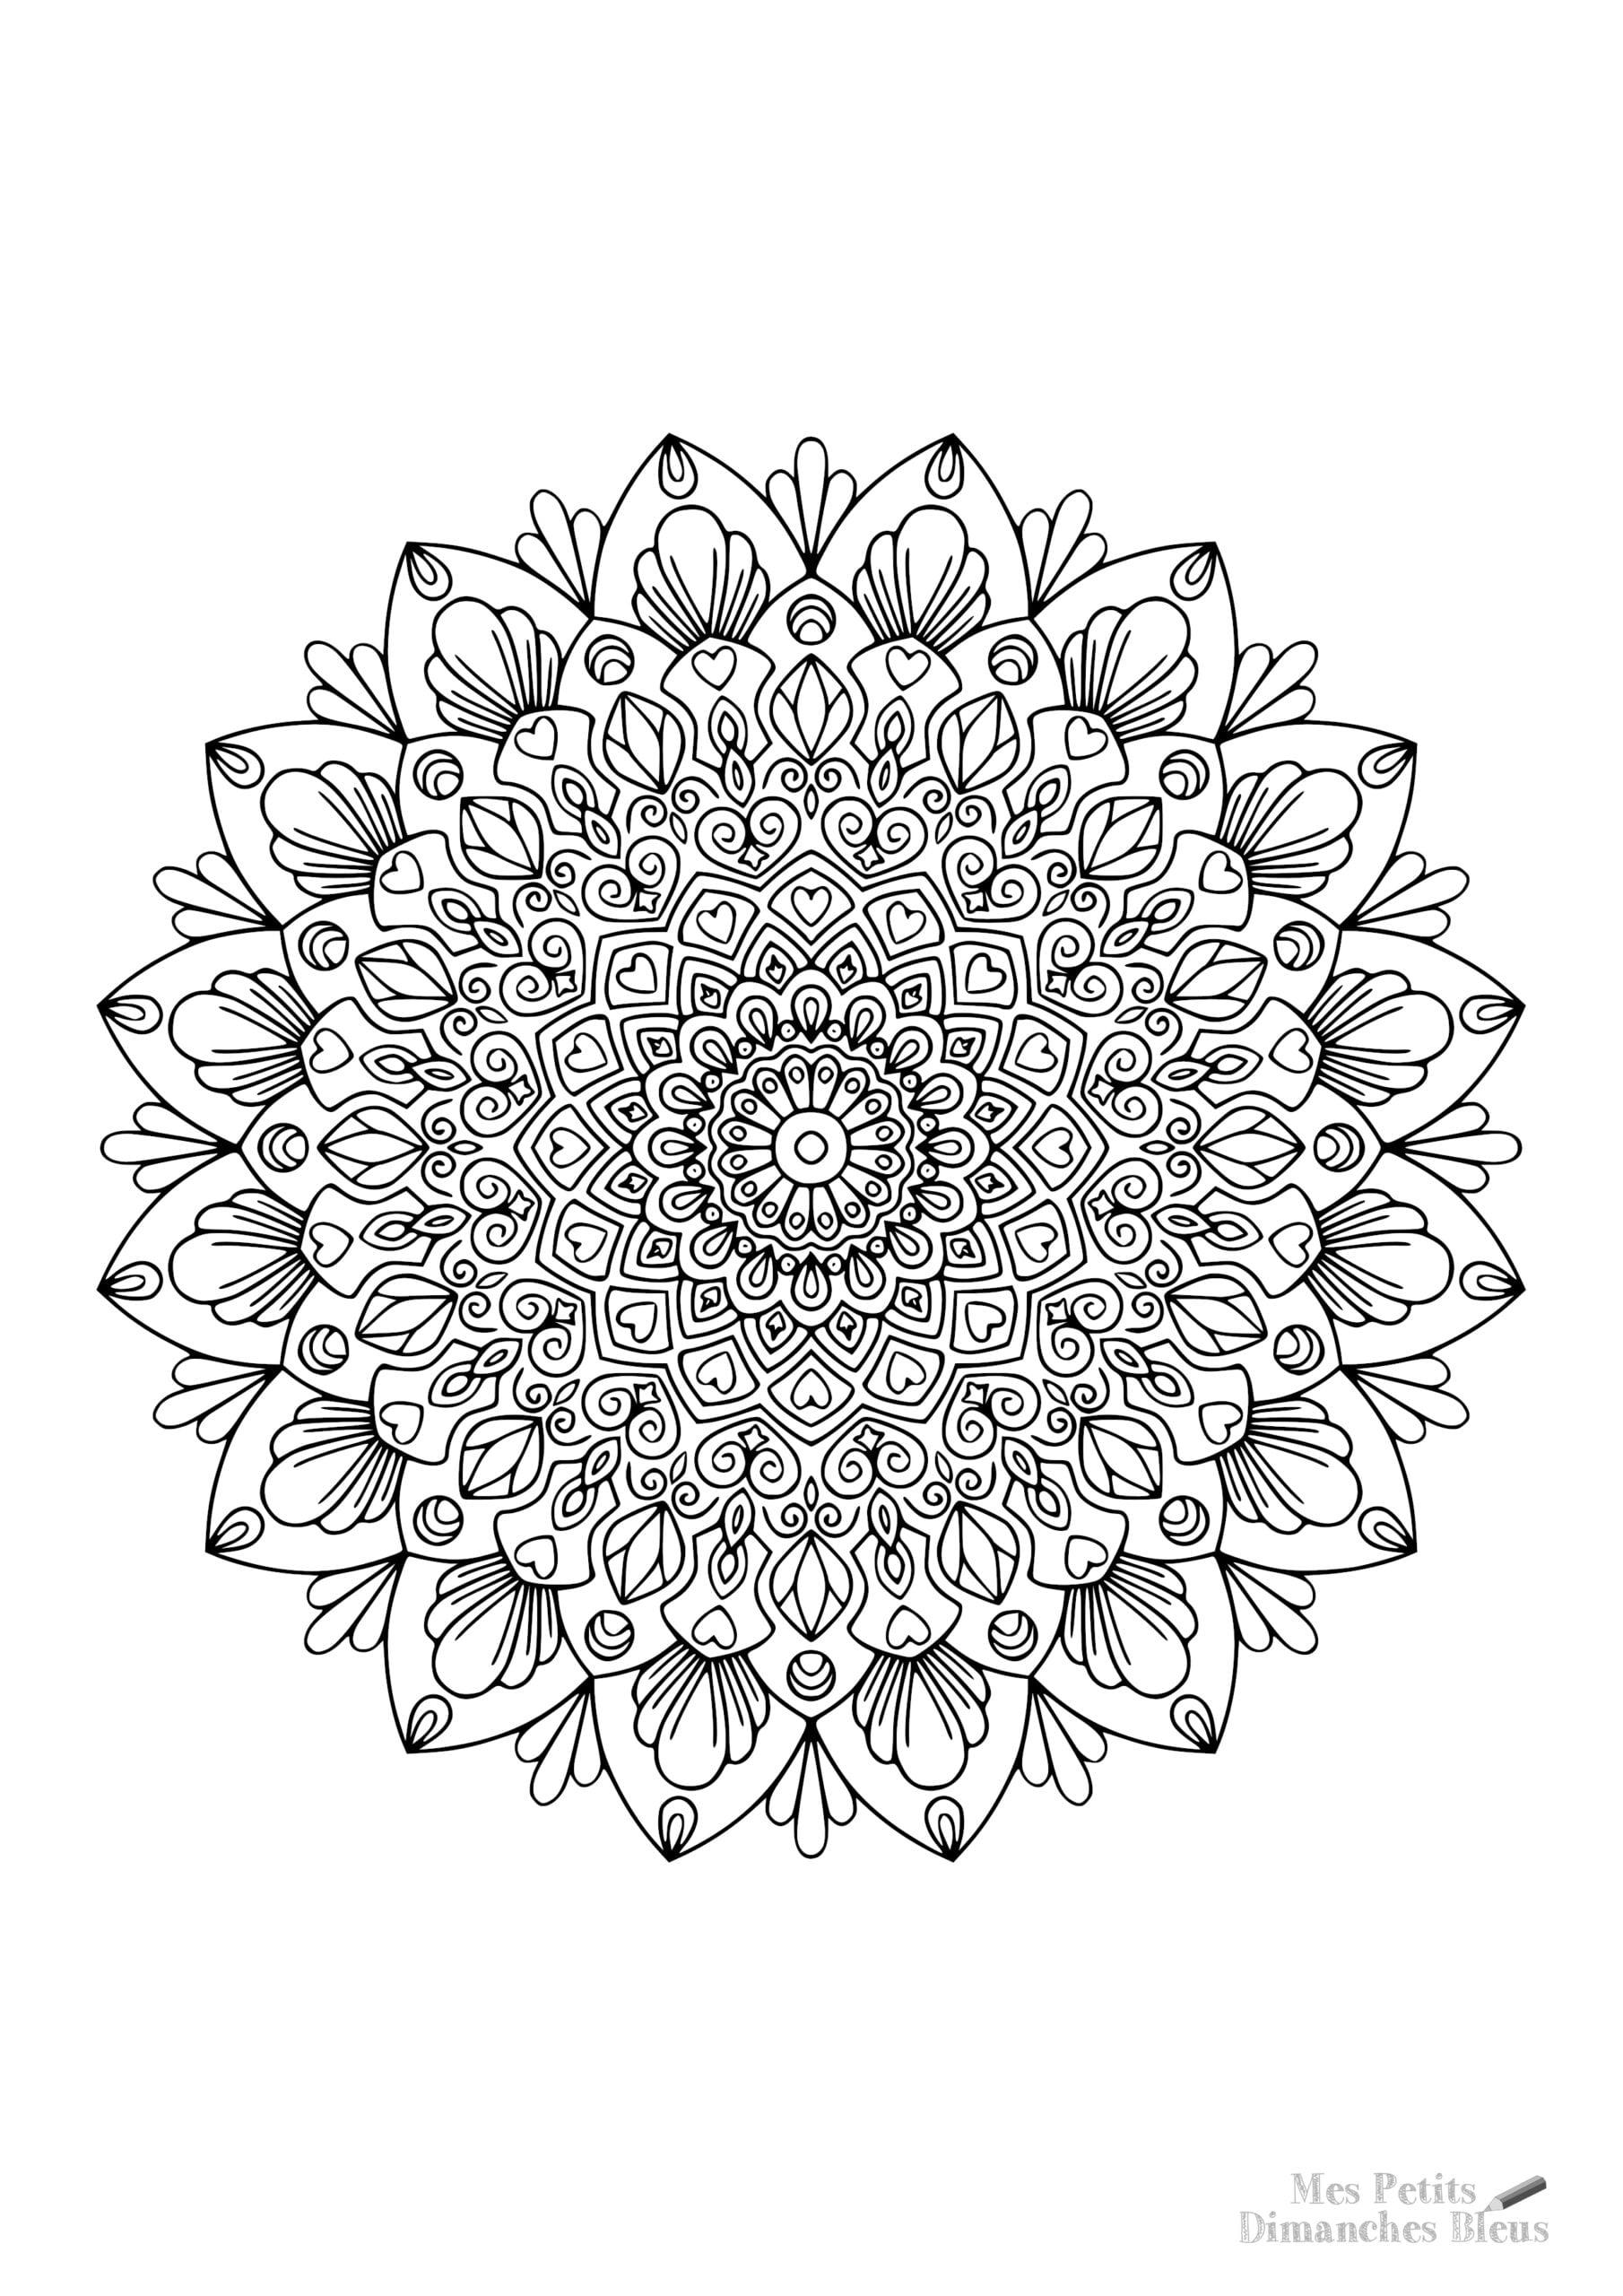 Mandala offert à télécharger